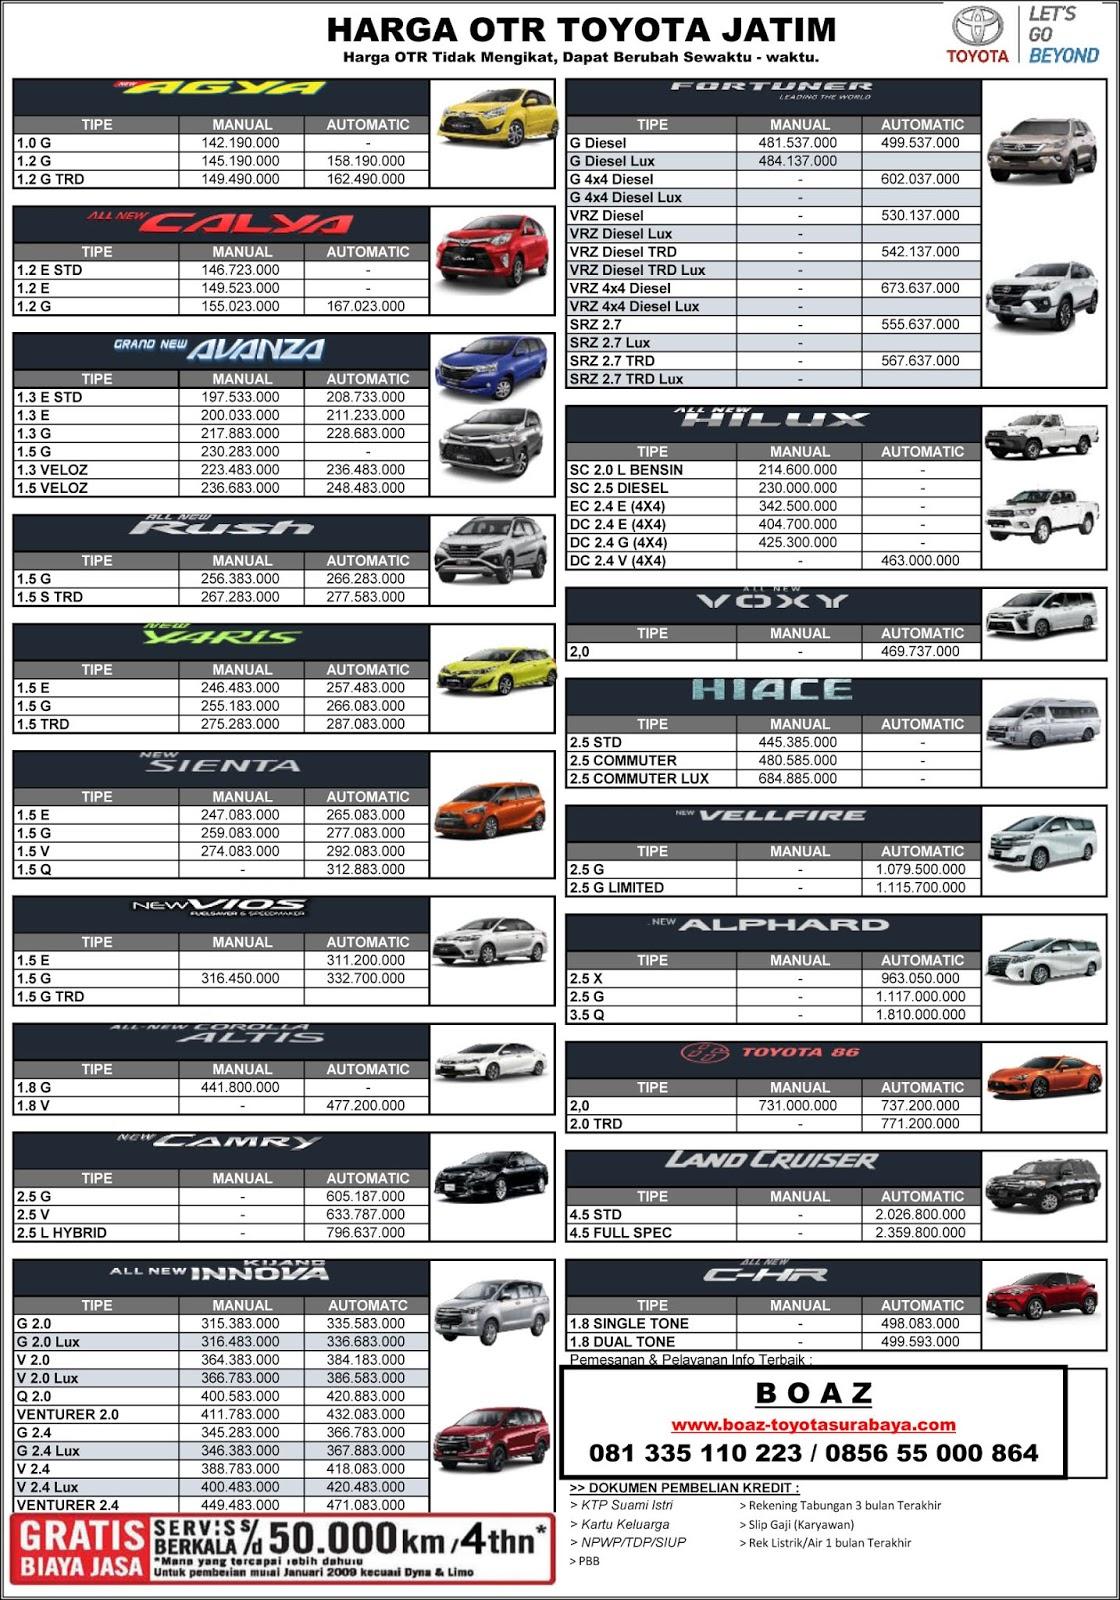 Kekurangan Daftar Harga Toyota Spesifikasi